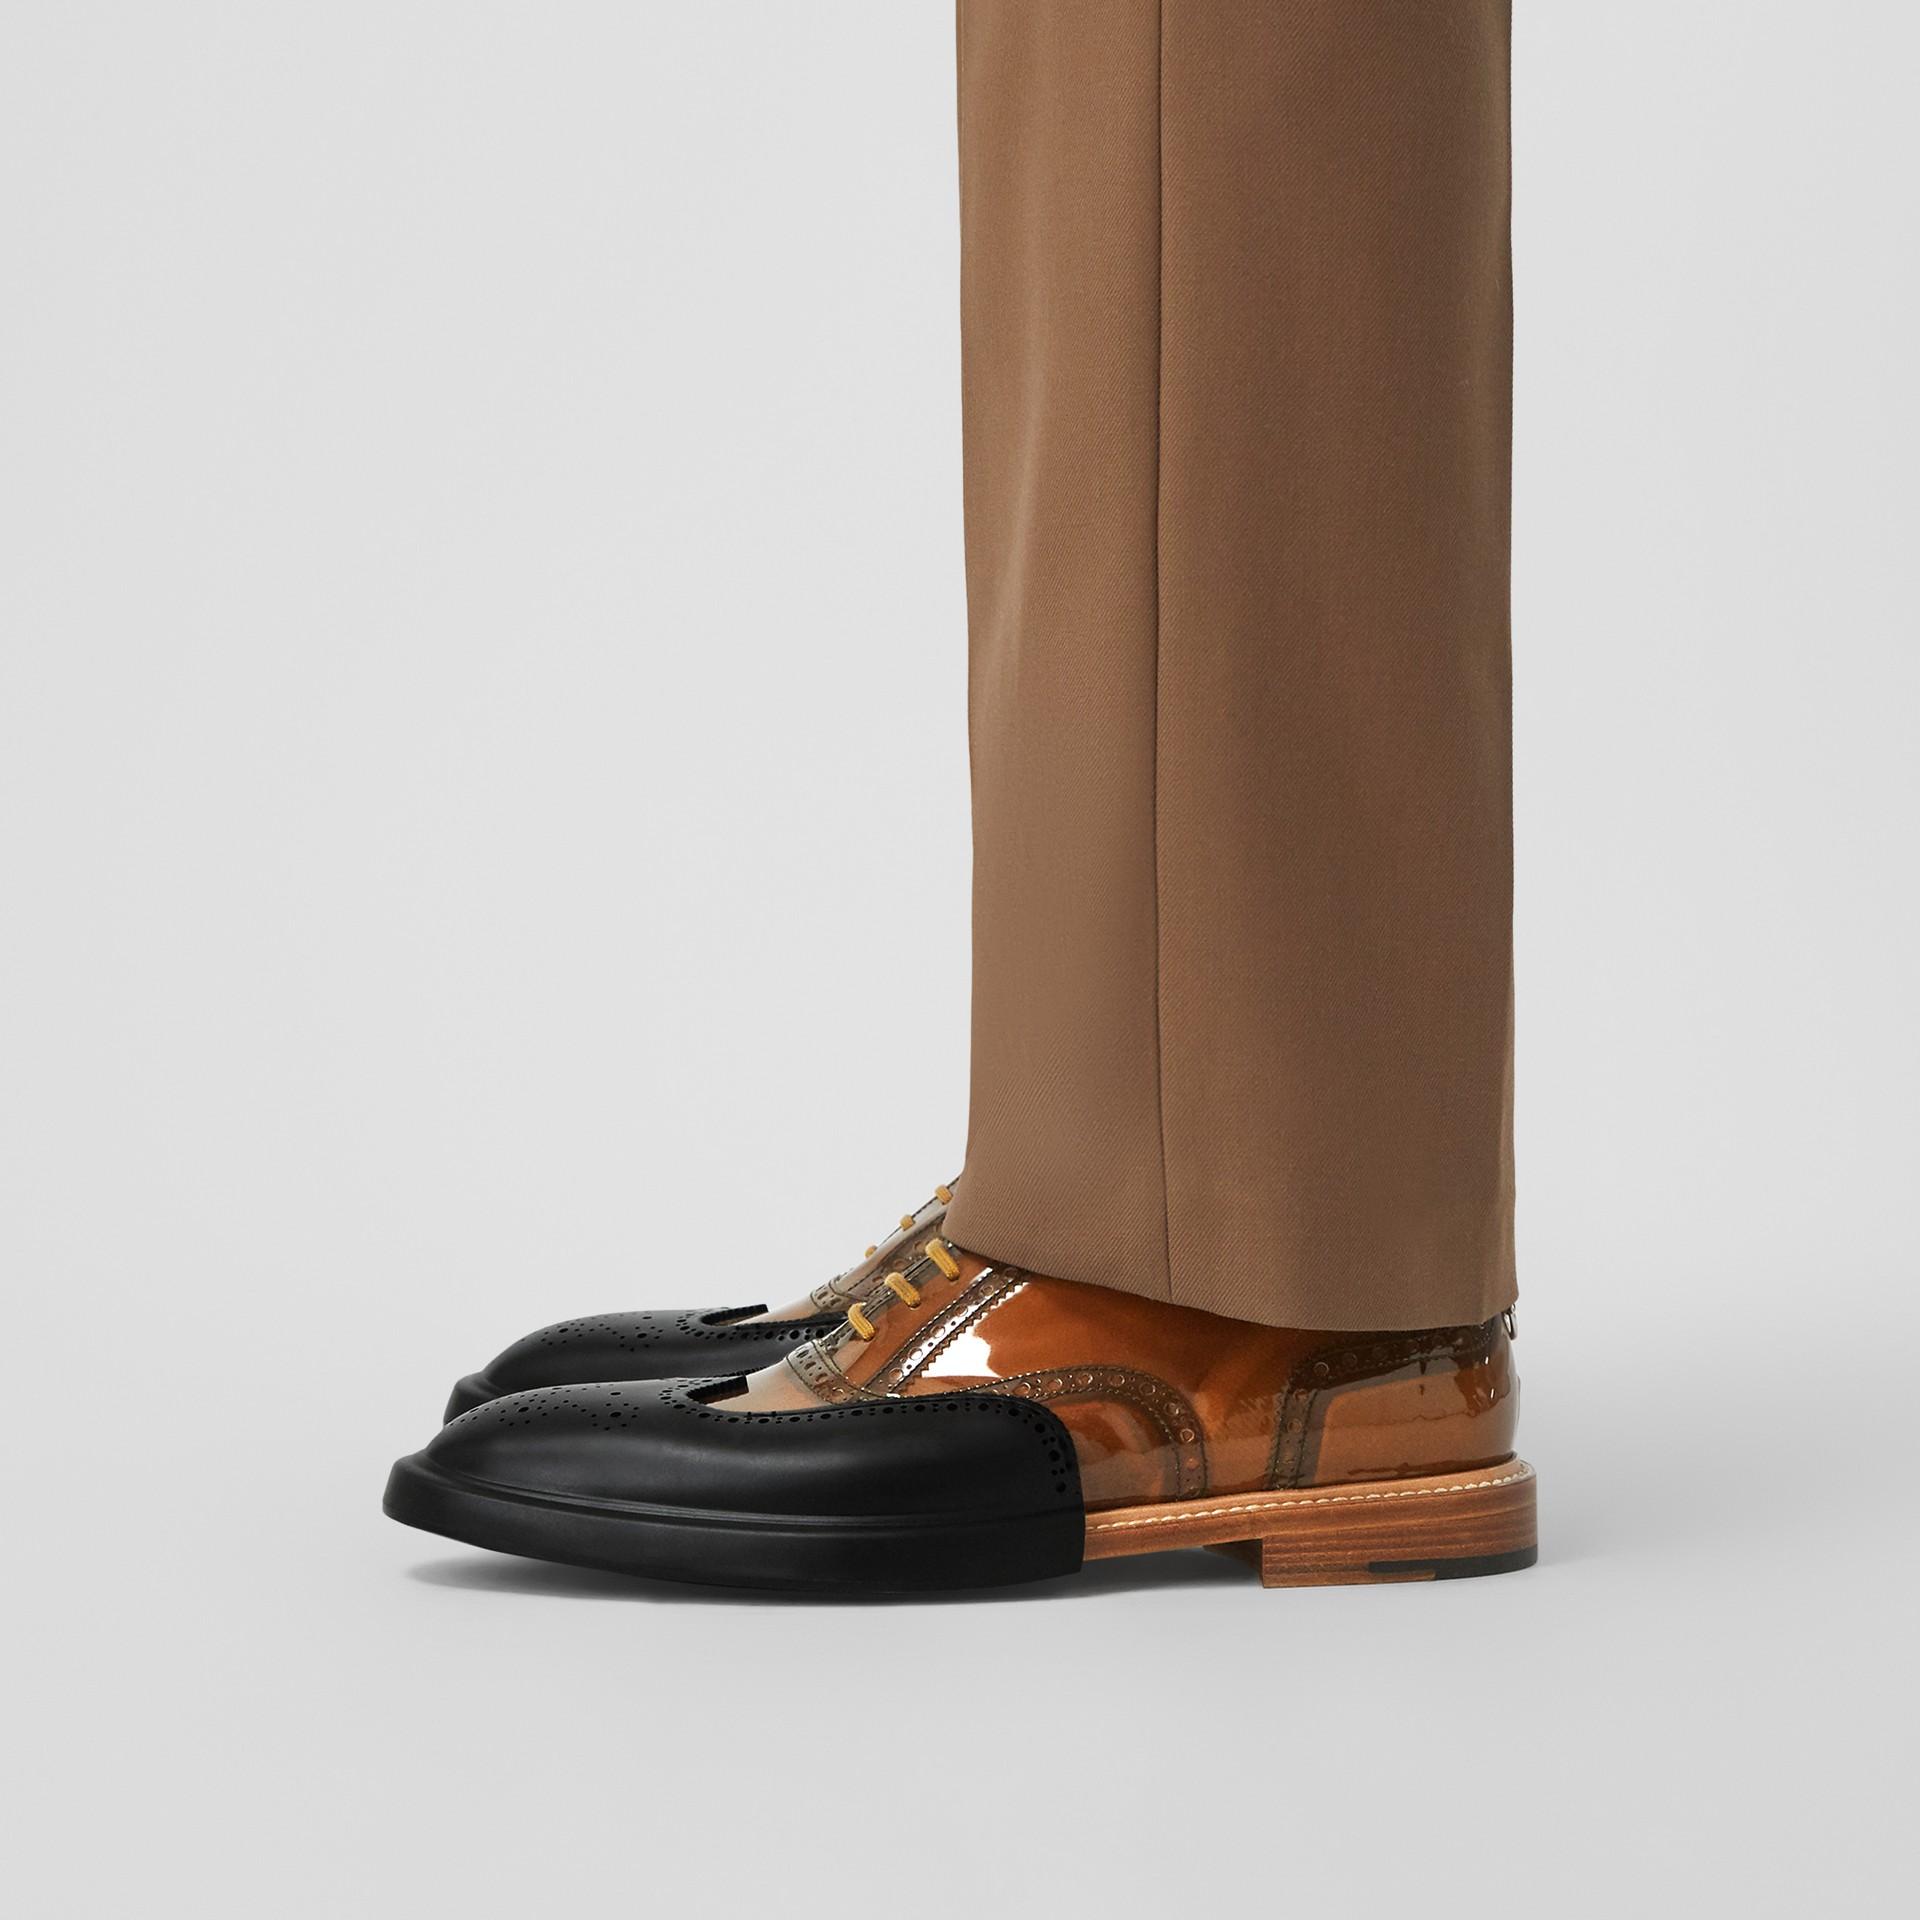 鞋頭蓋細節塑膠材質和皮革牛津布洛克鞋 (棕色/黑色) - 男款 | Burberry - 圖庫照片 2